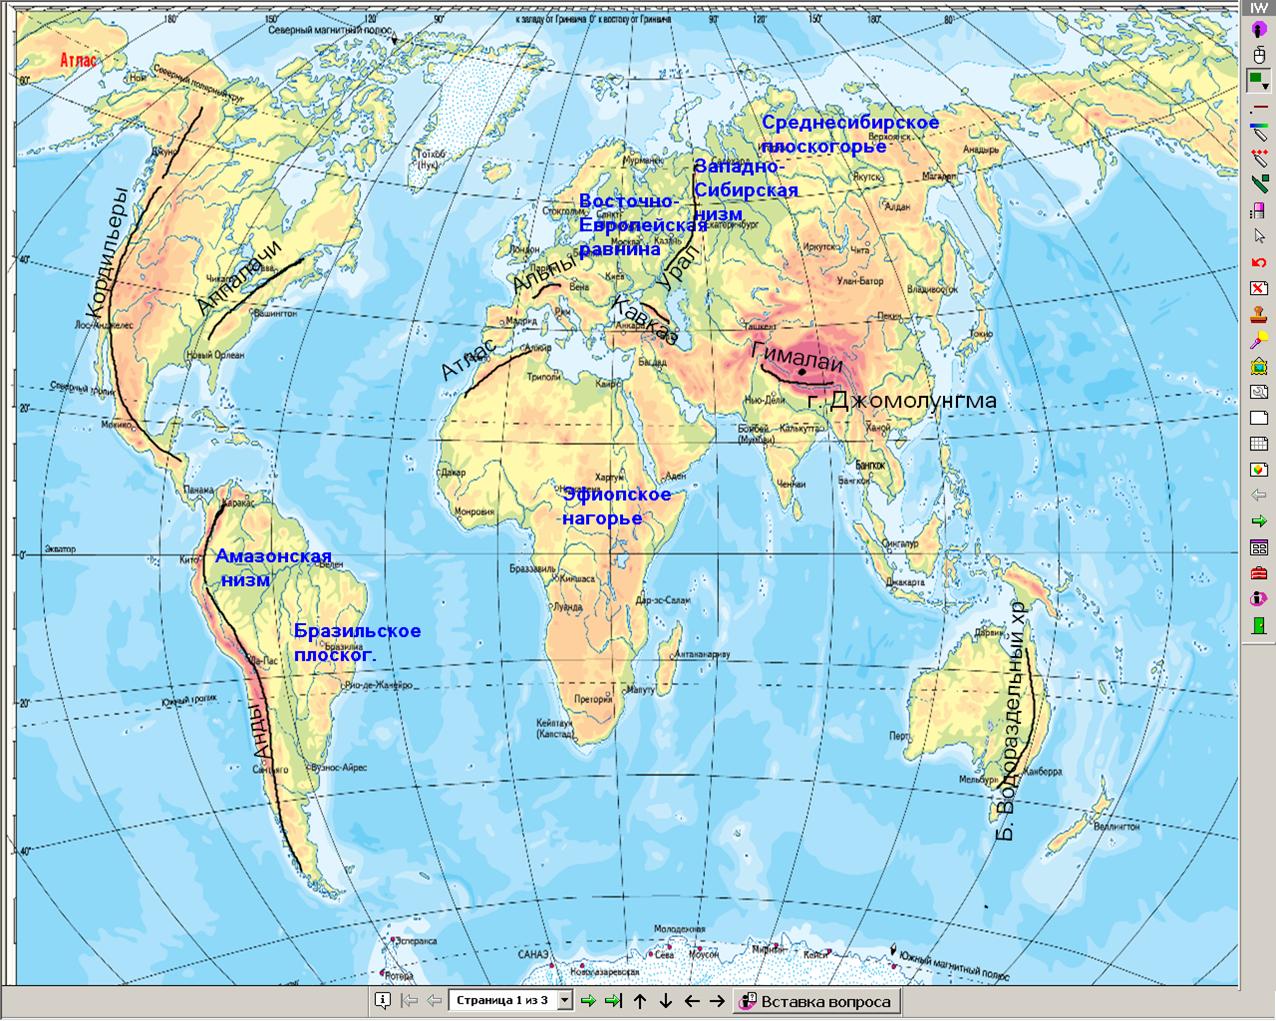 Где на физической карте находится гималаи